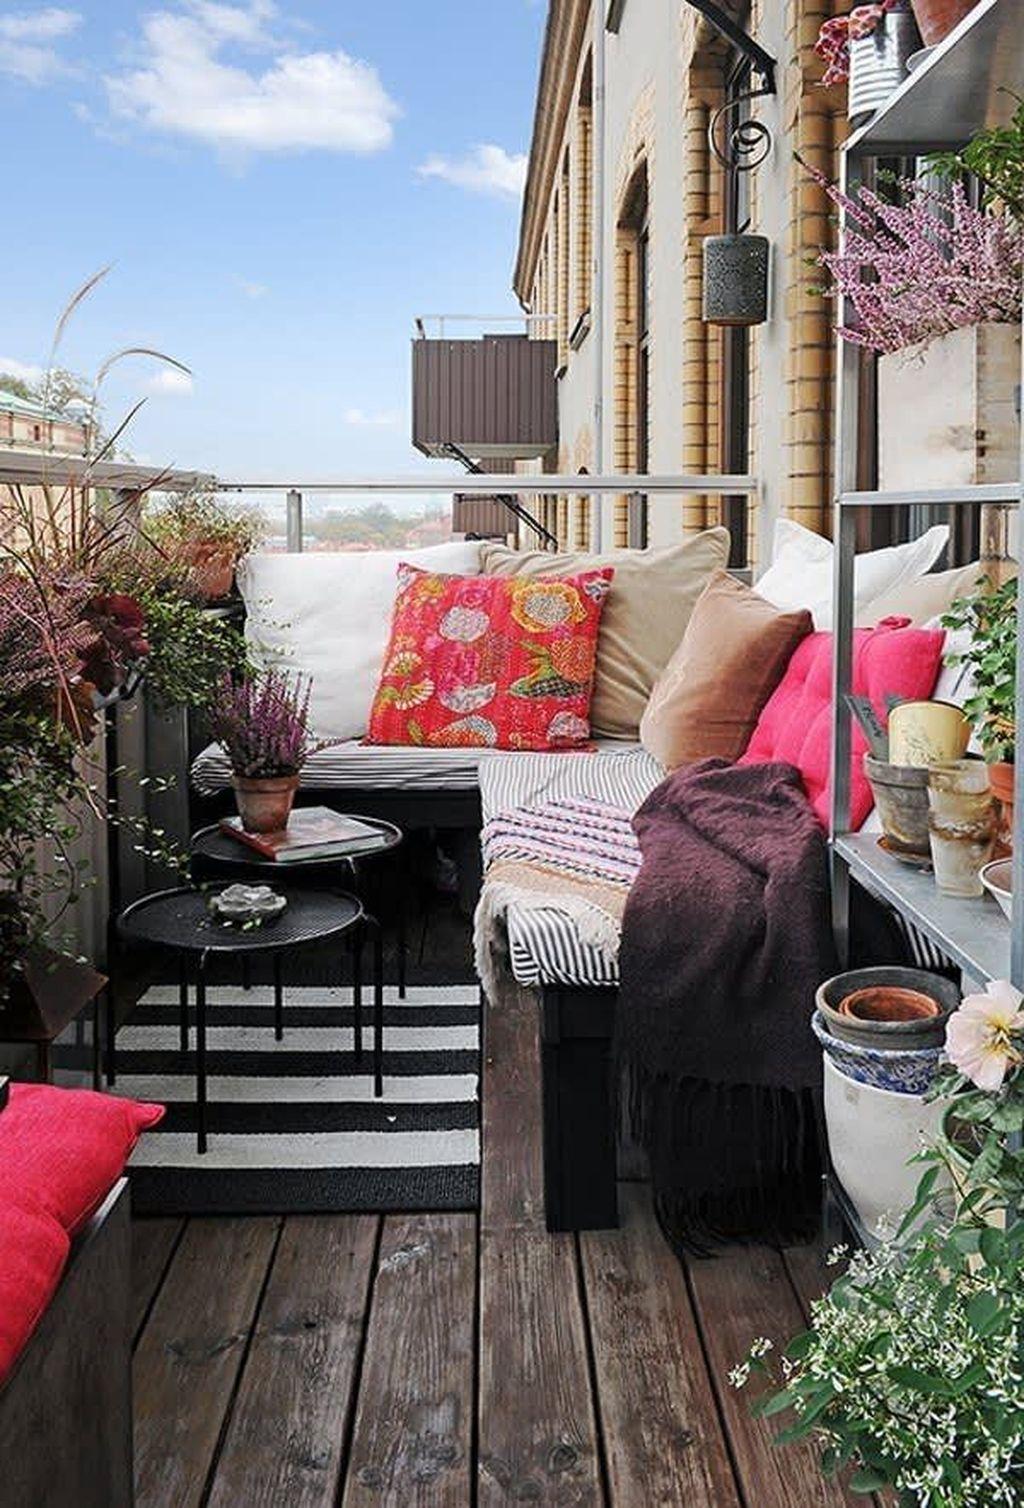 The Best Apartment Balcony Decor Ideas For Fall Season 18